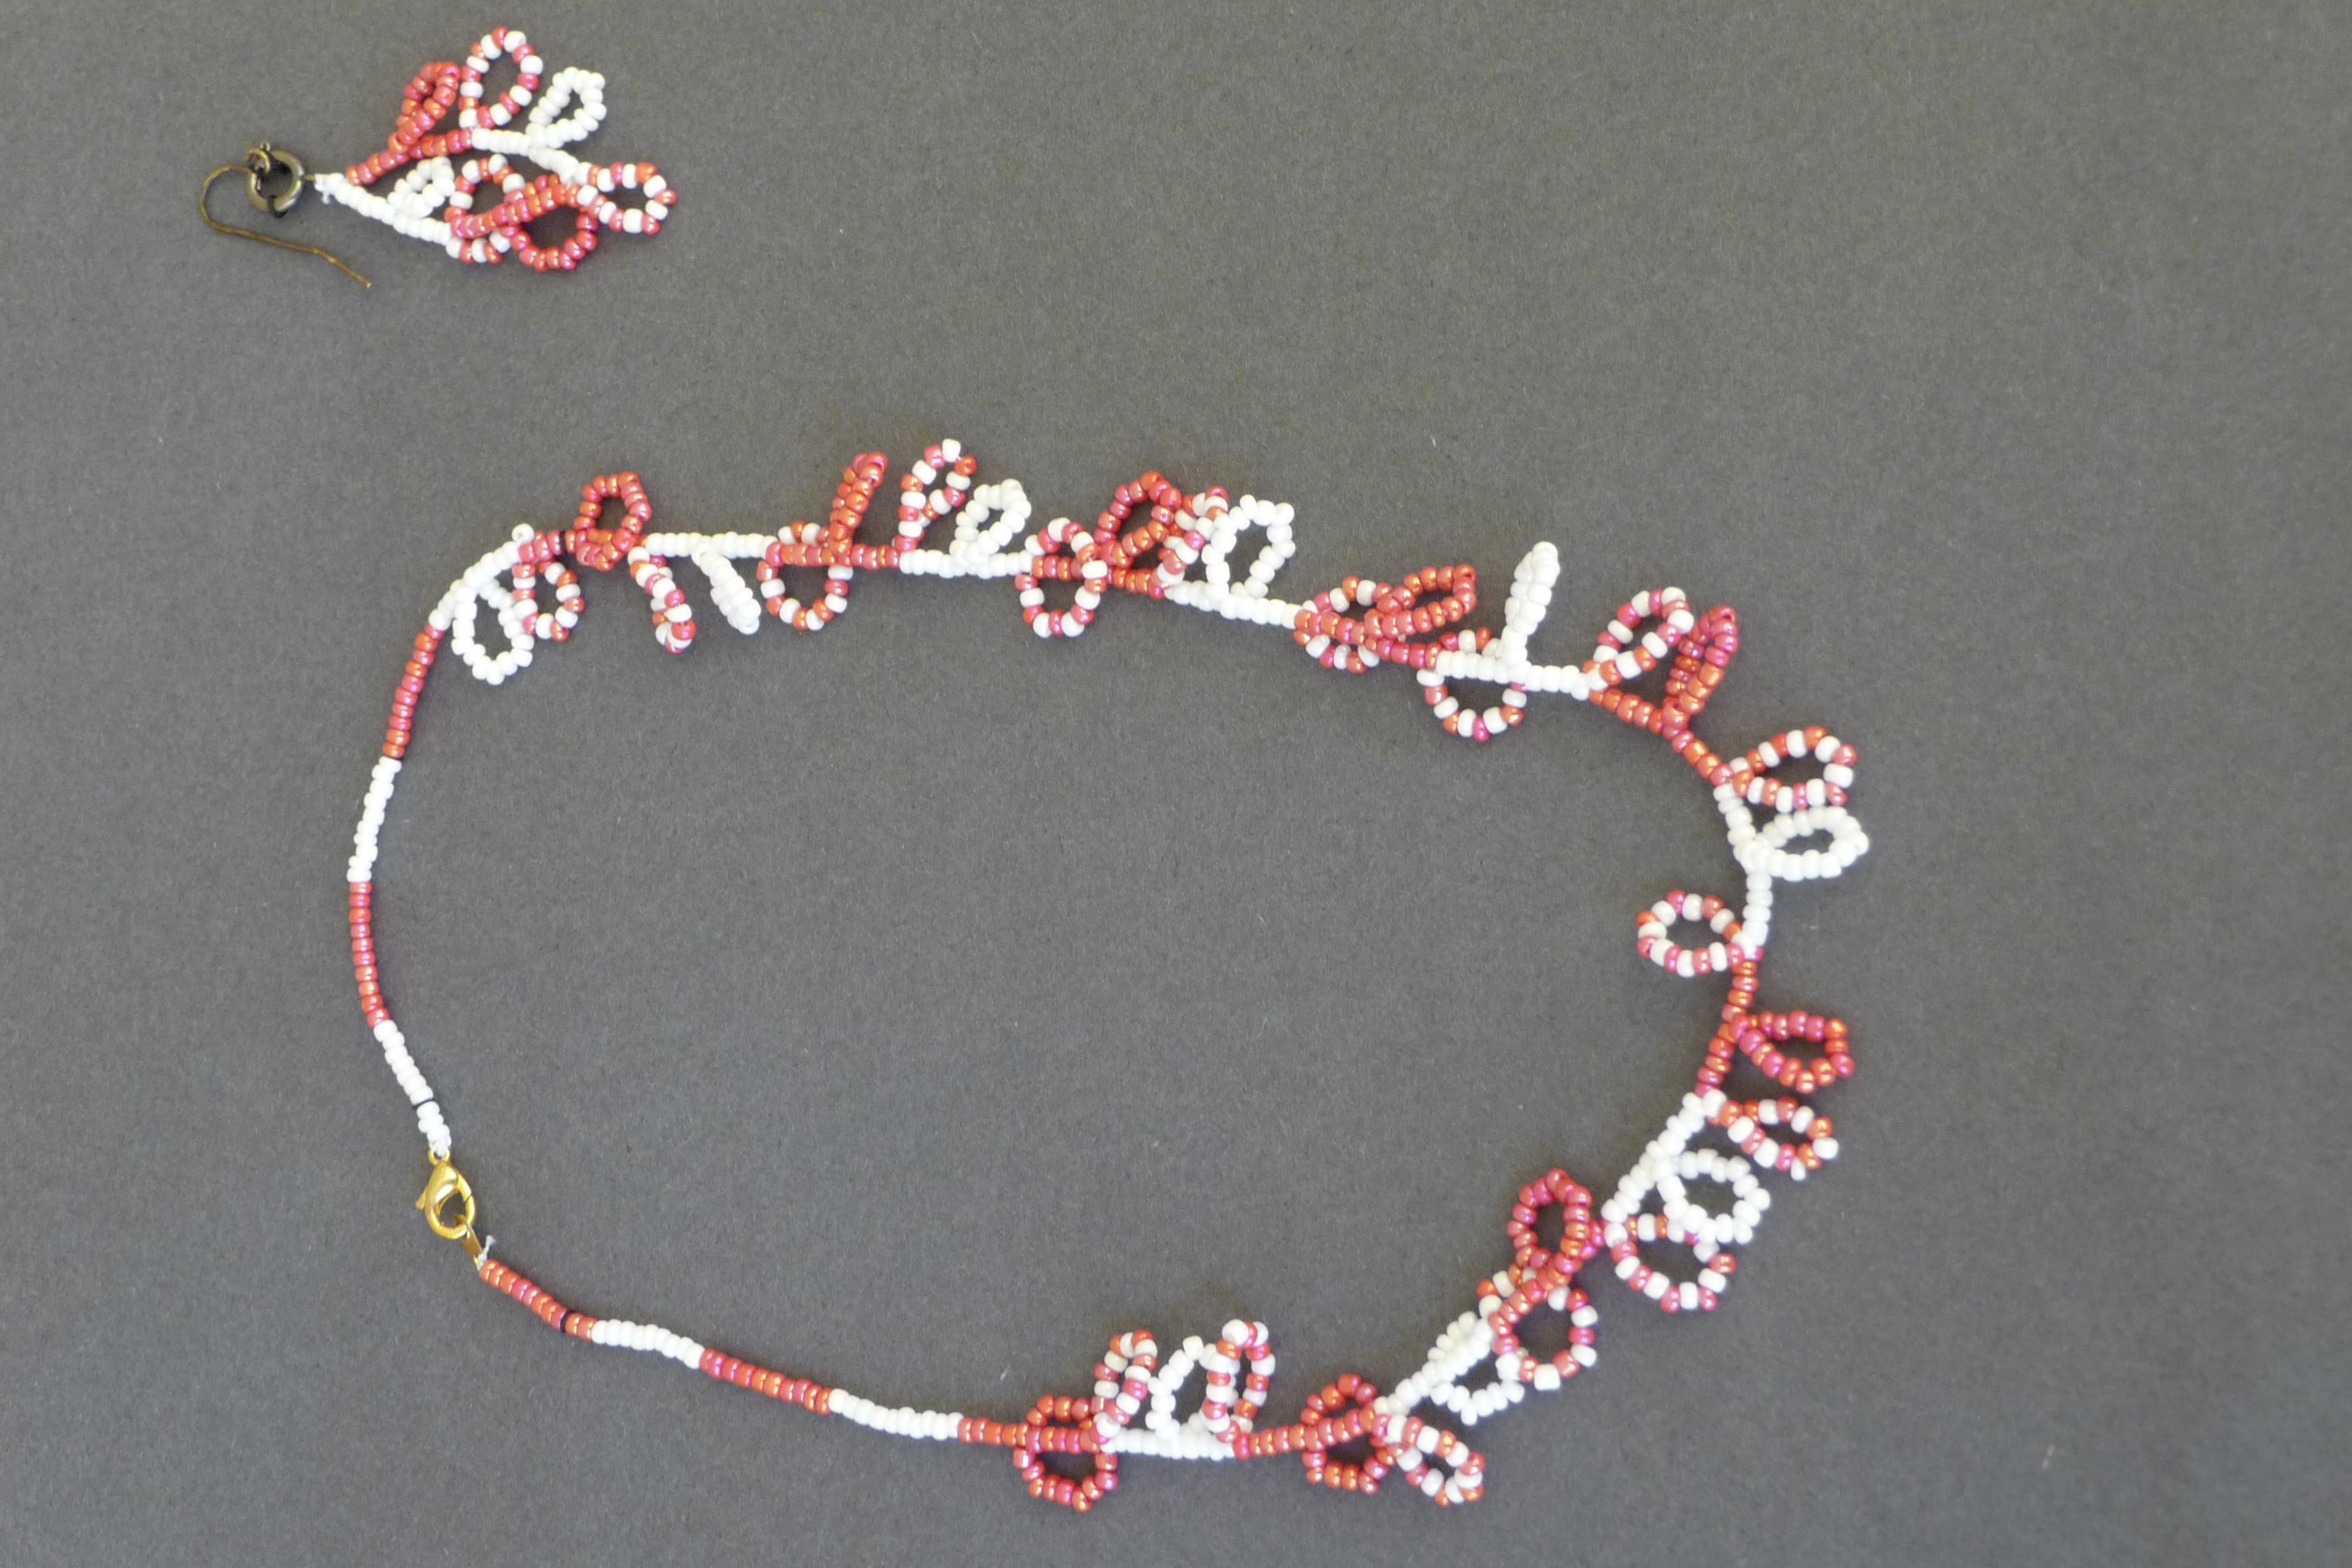 Šperky Paulínky Morvayovej